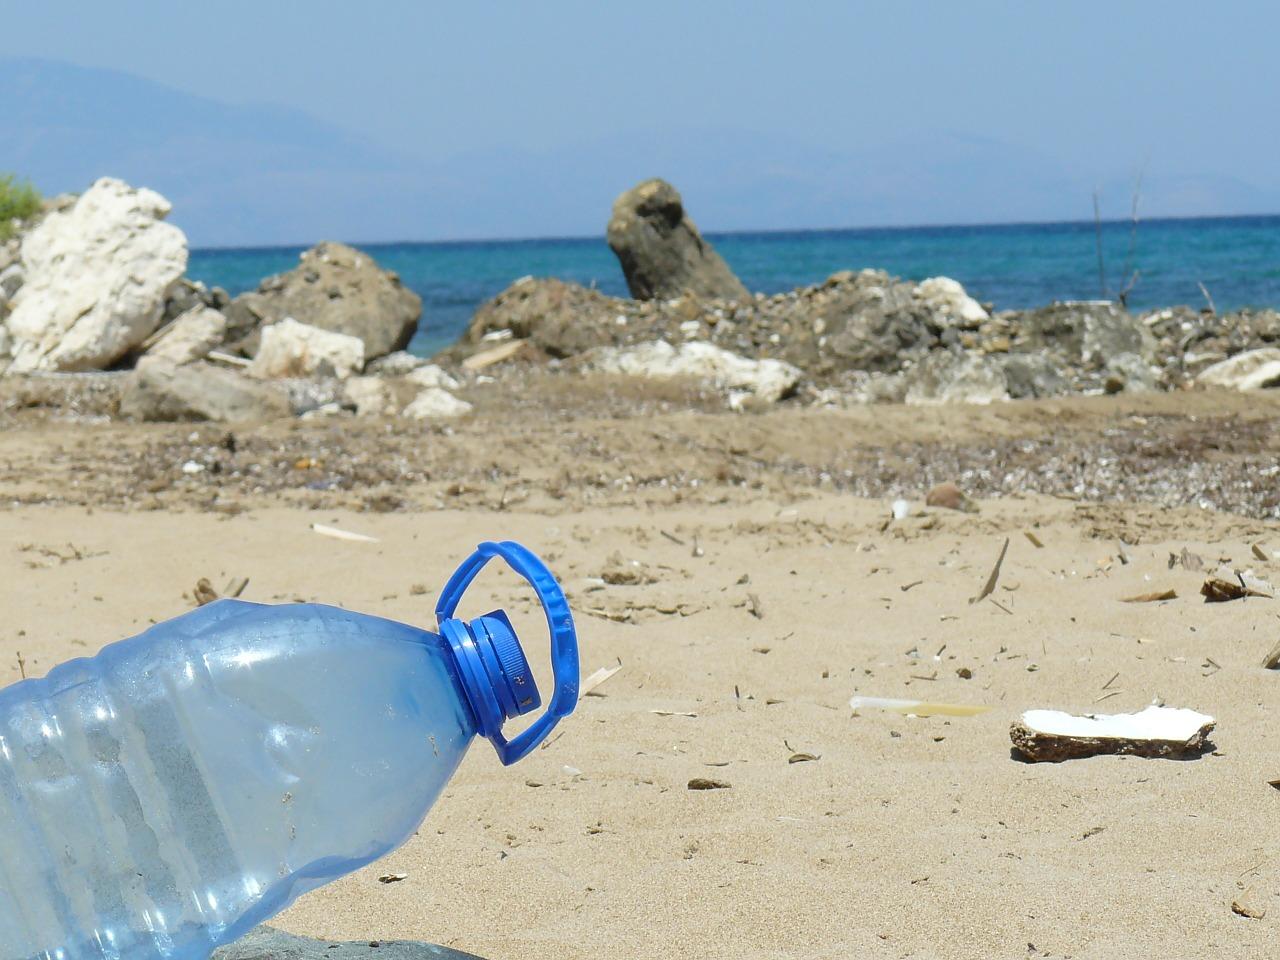 La Méditerranée est la mer la plus polluée d'Europe